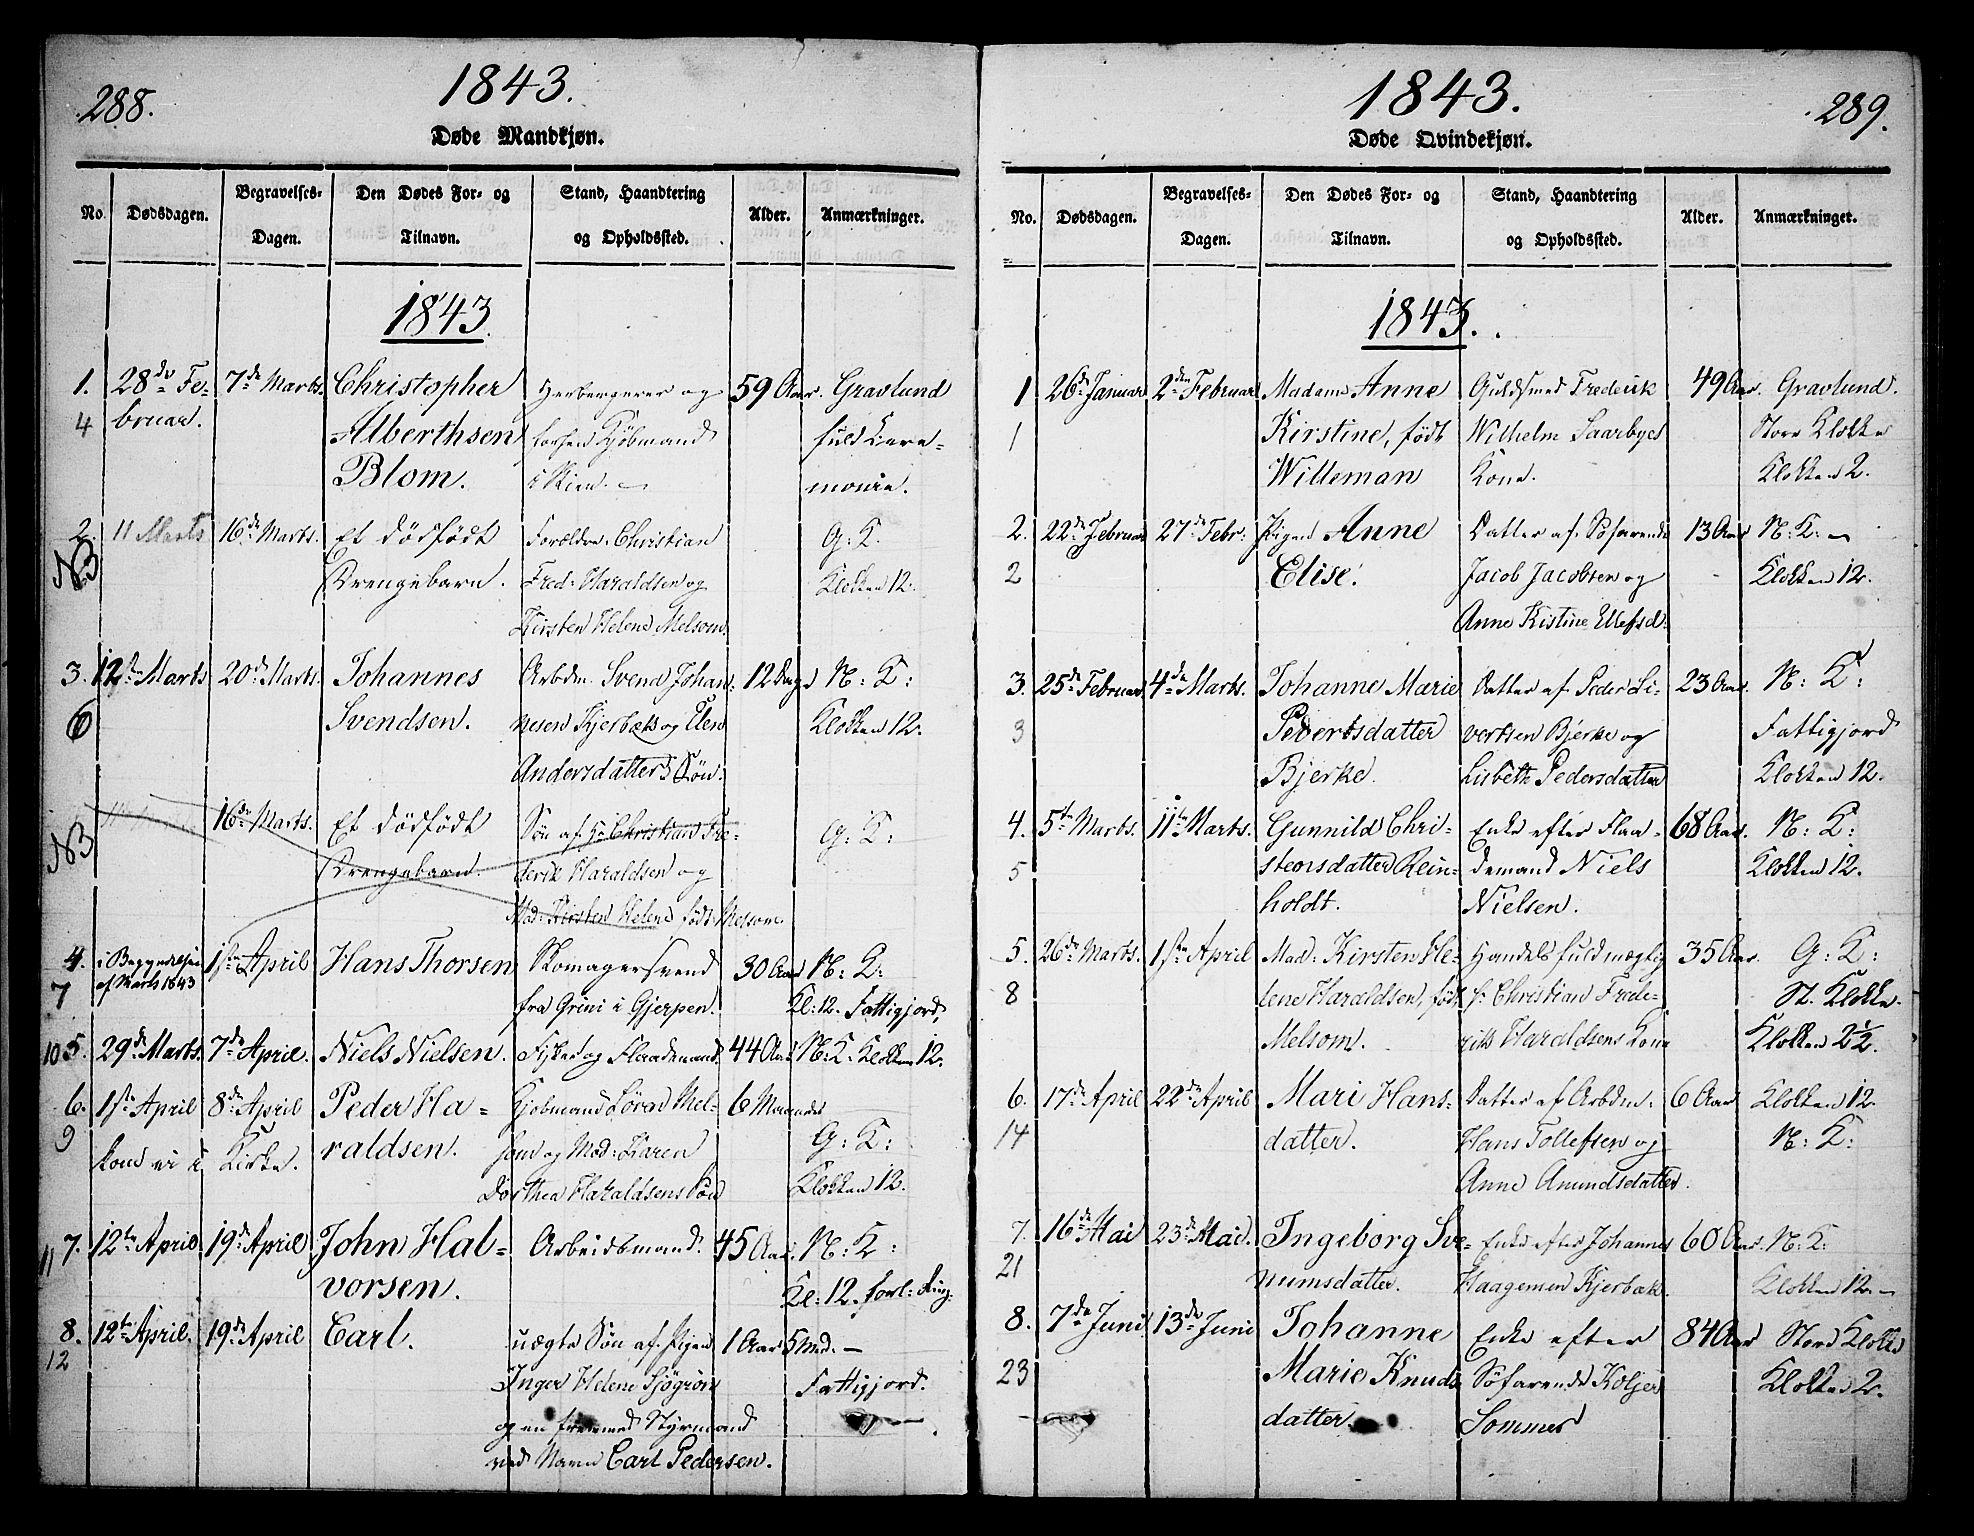 SAKO, Skien kirkebøker, G/Ga/L0003: Klokkerbok nr. 3, 1843-1847, s. 288-289